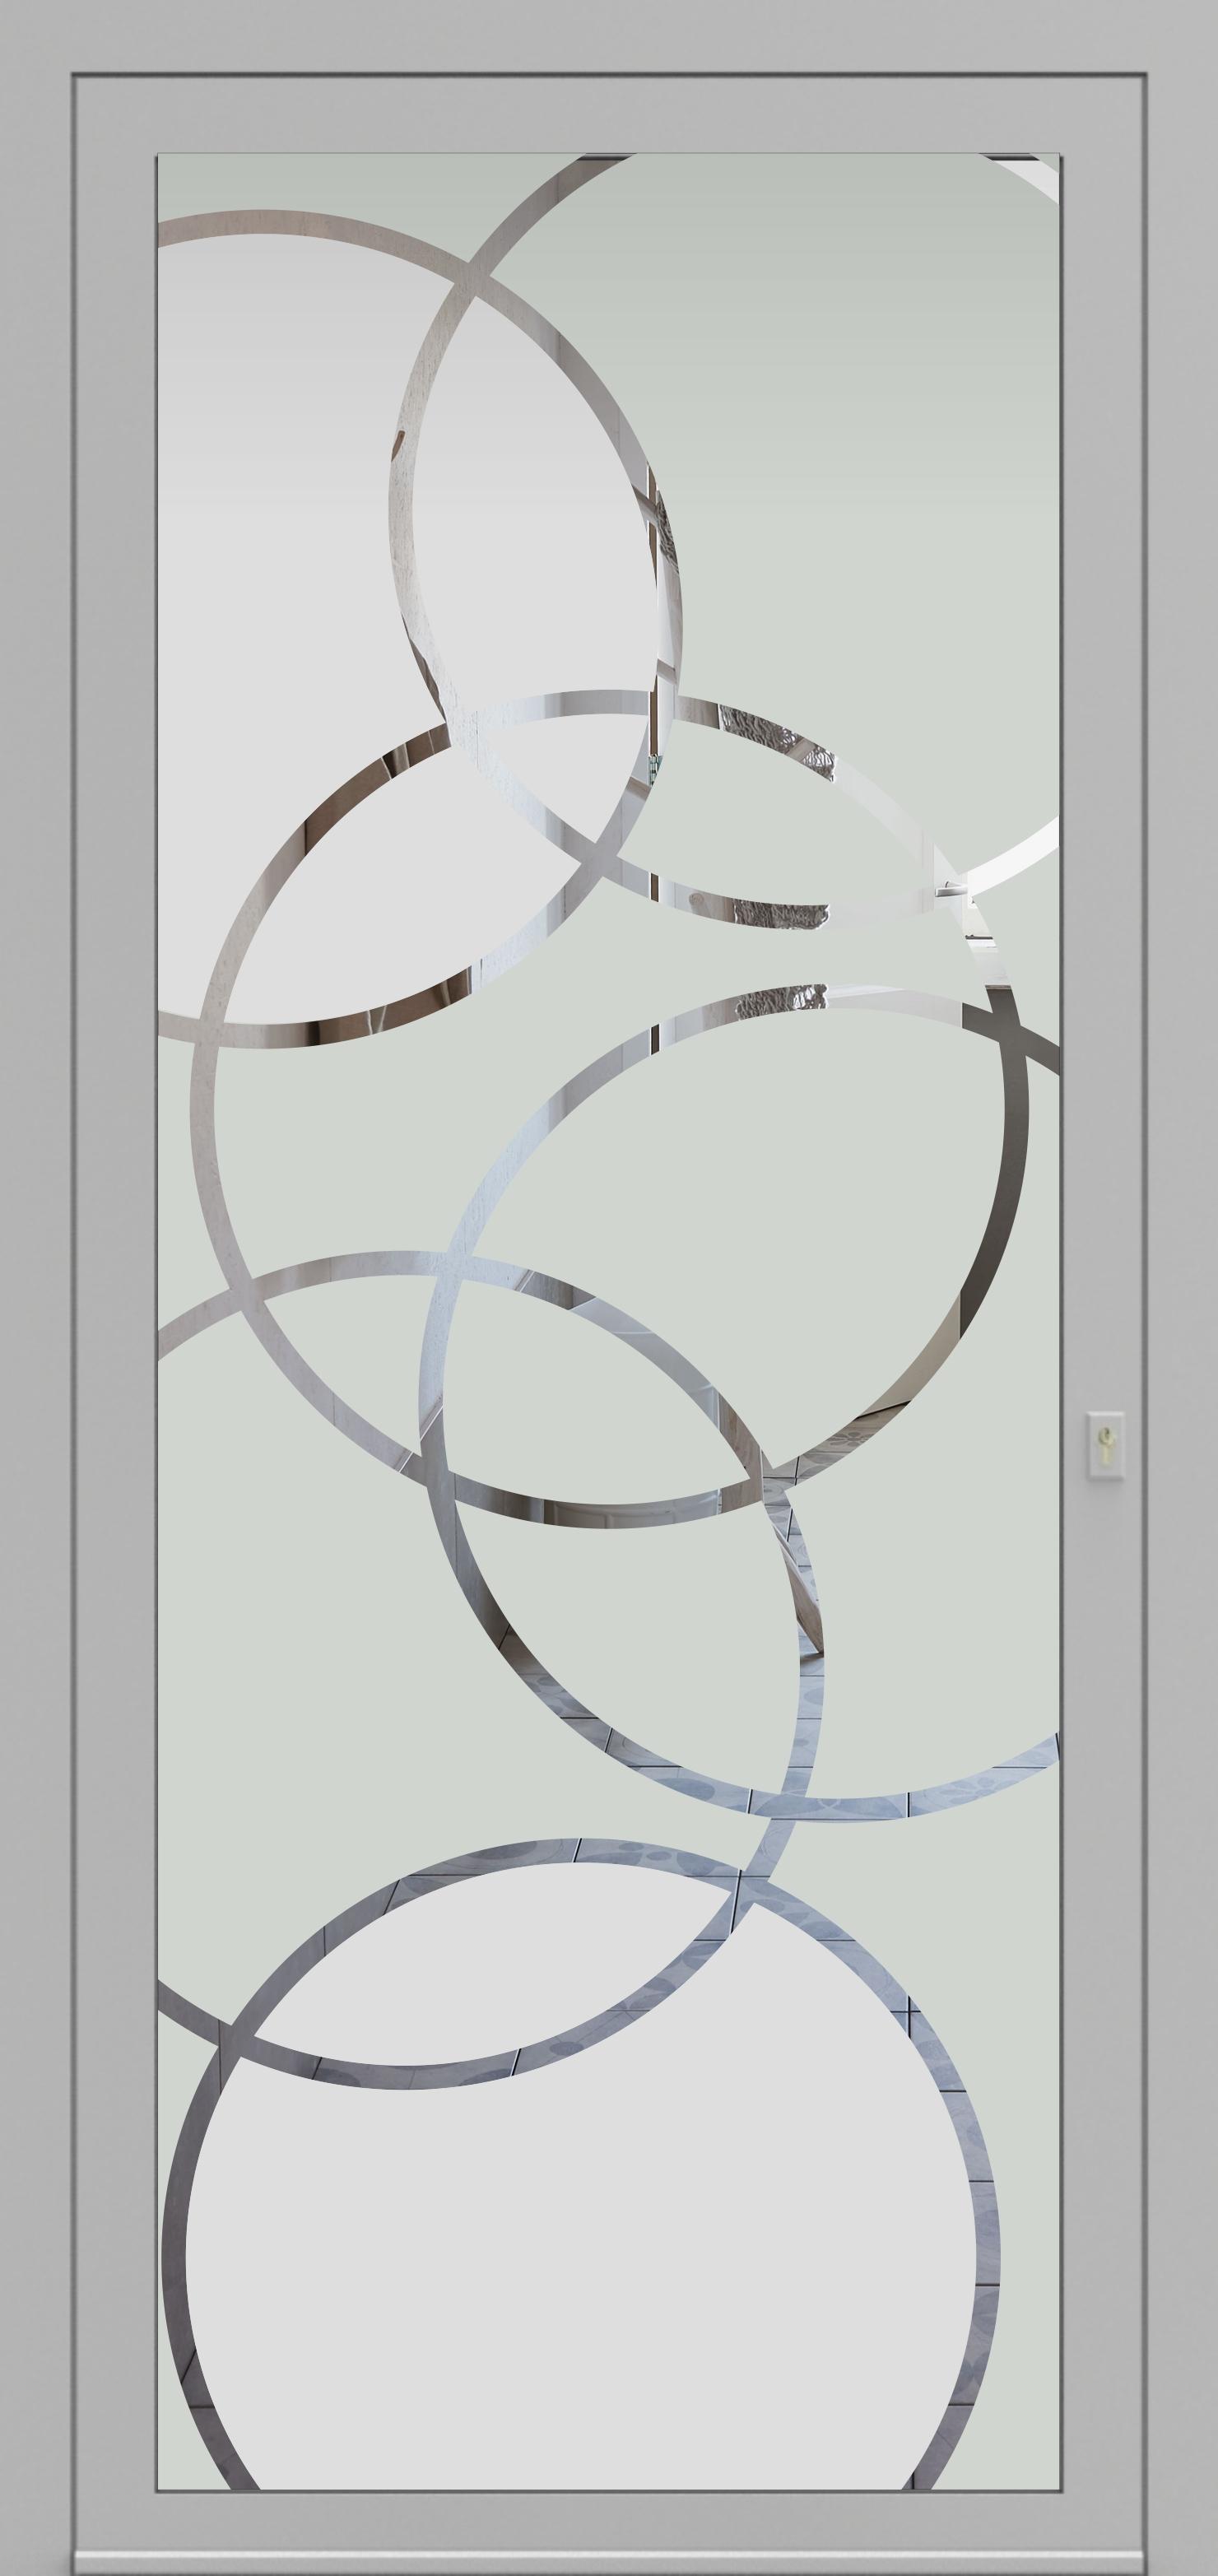 Porte d'entrée DECOVER 3/01 de la gamme Decover posée par les établissements CELEREAU à Roncq